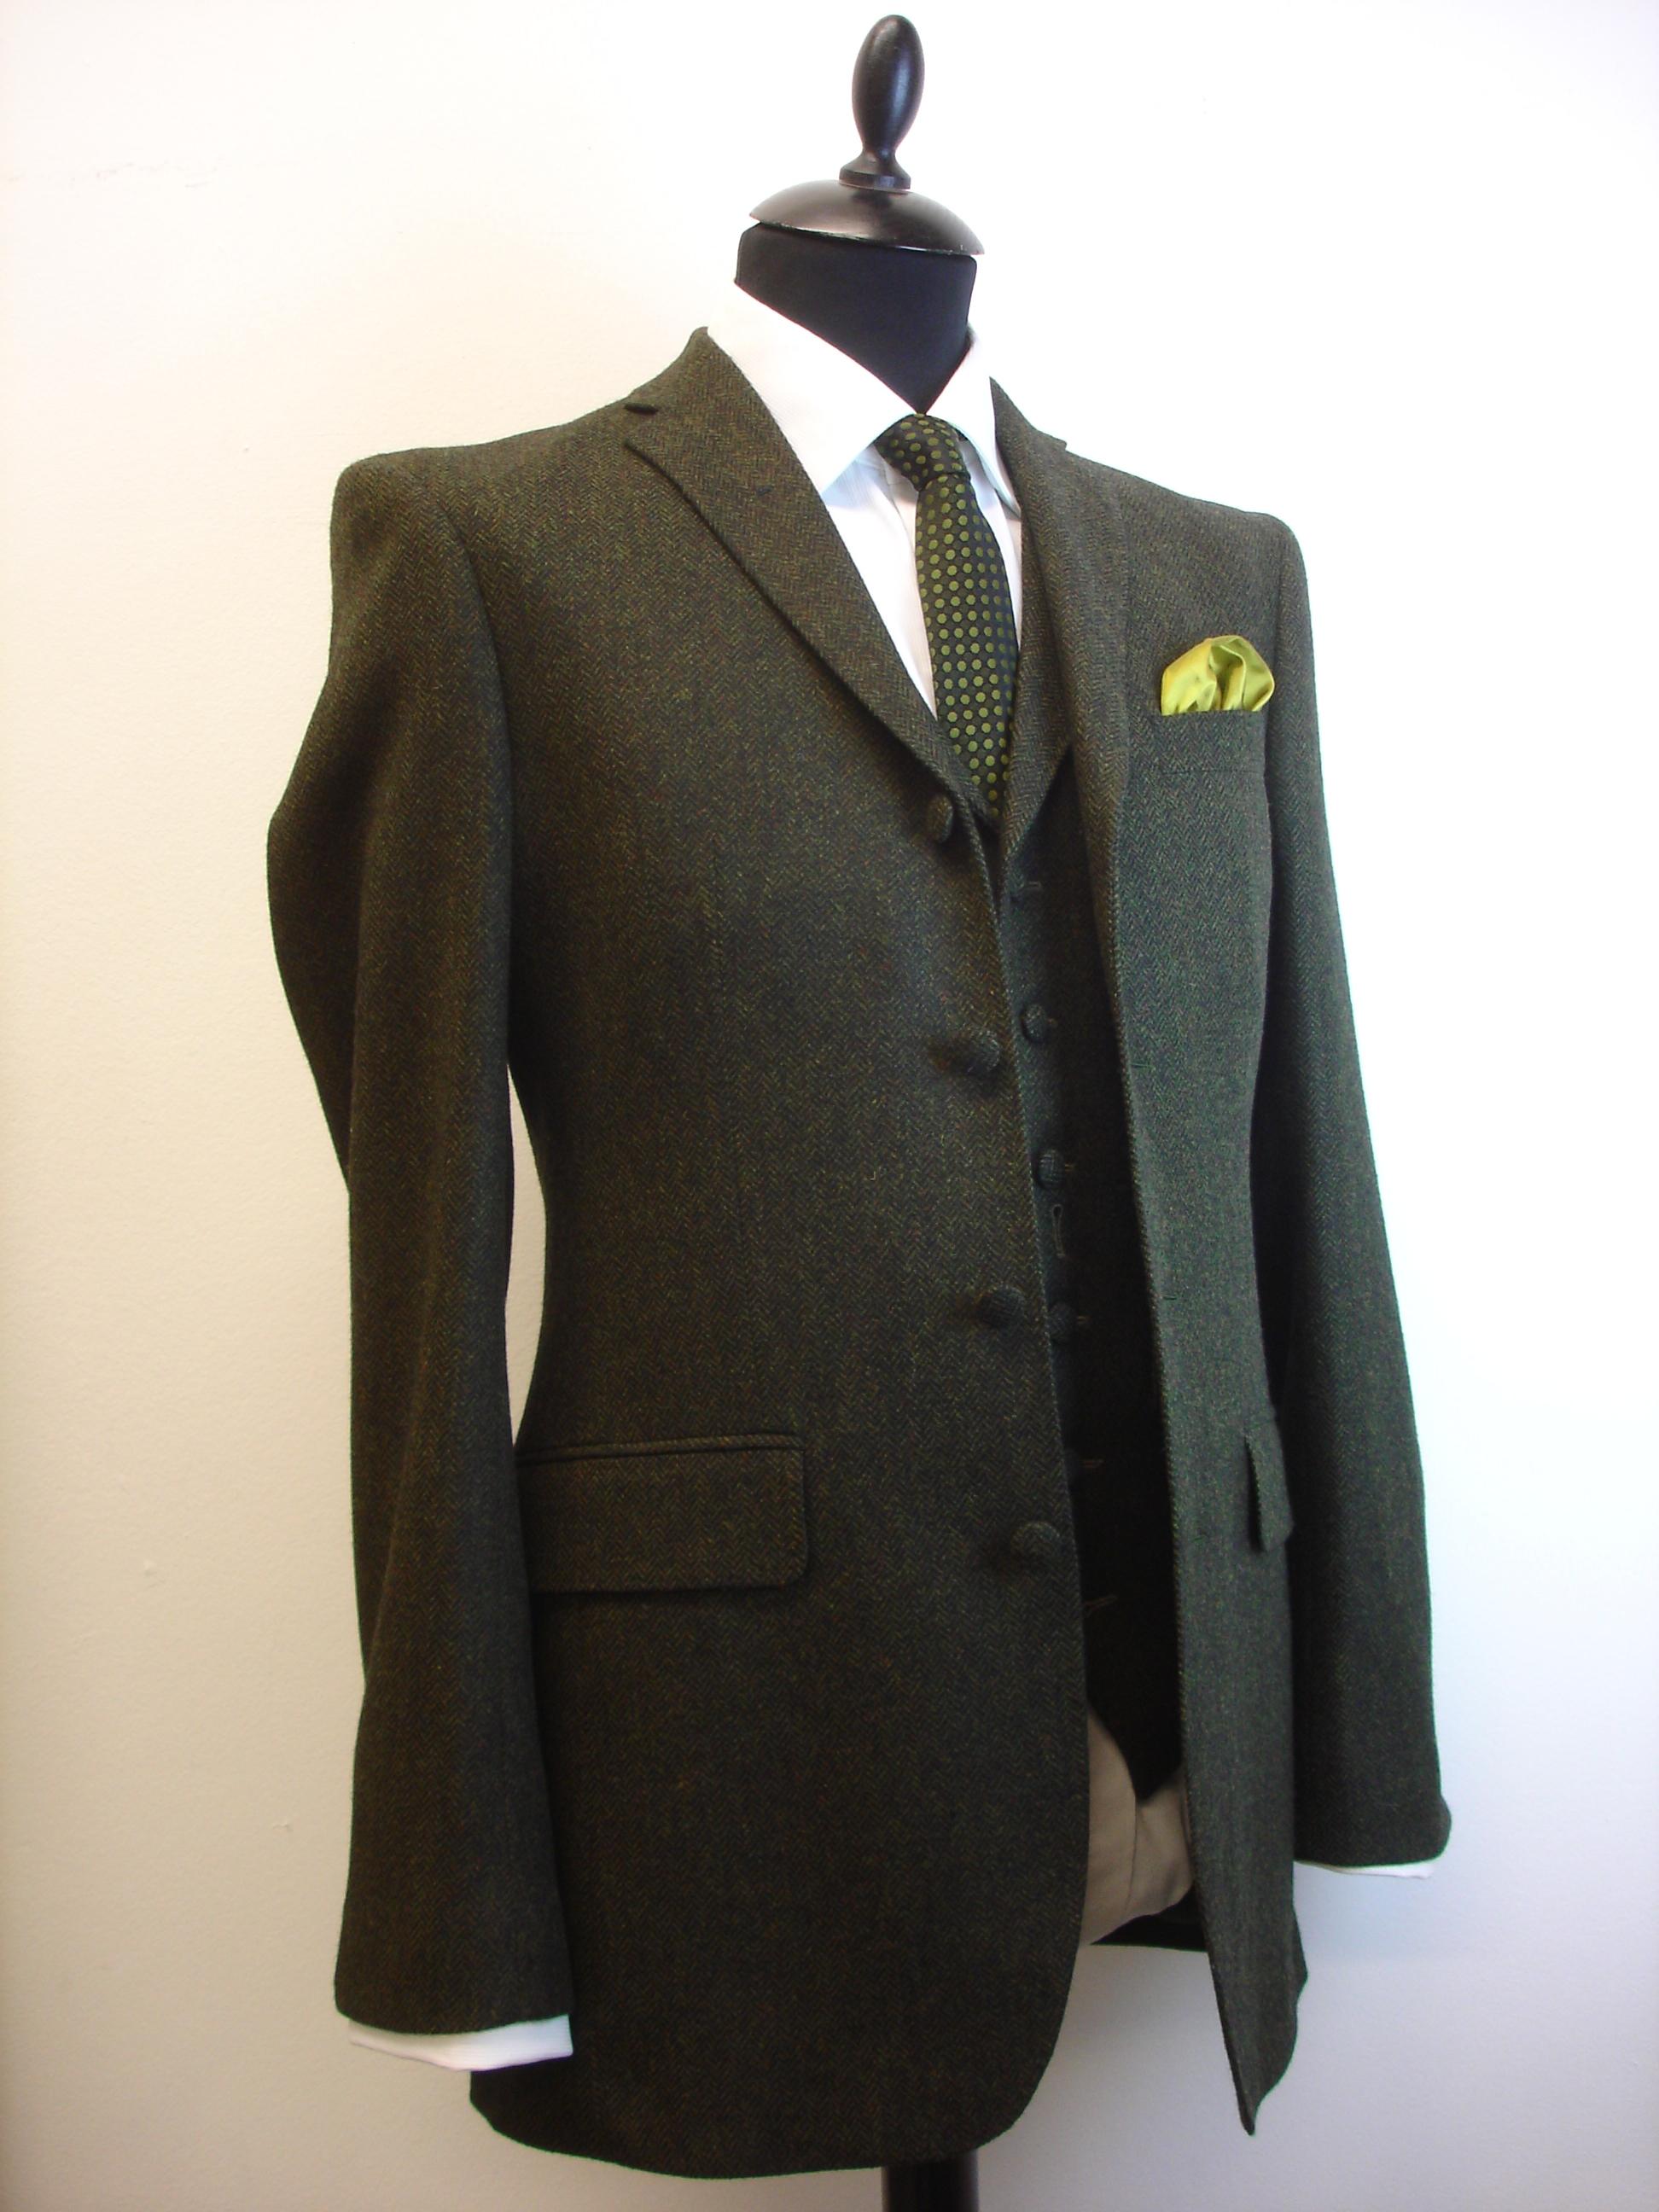 3 piece green lambswool herringbone tweed suit (8).JPG